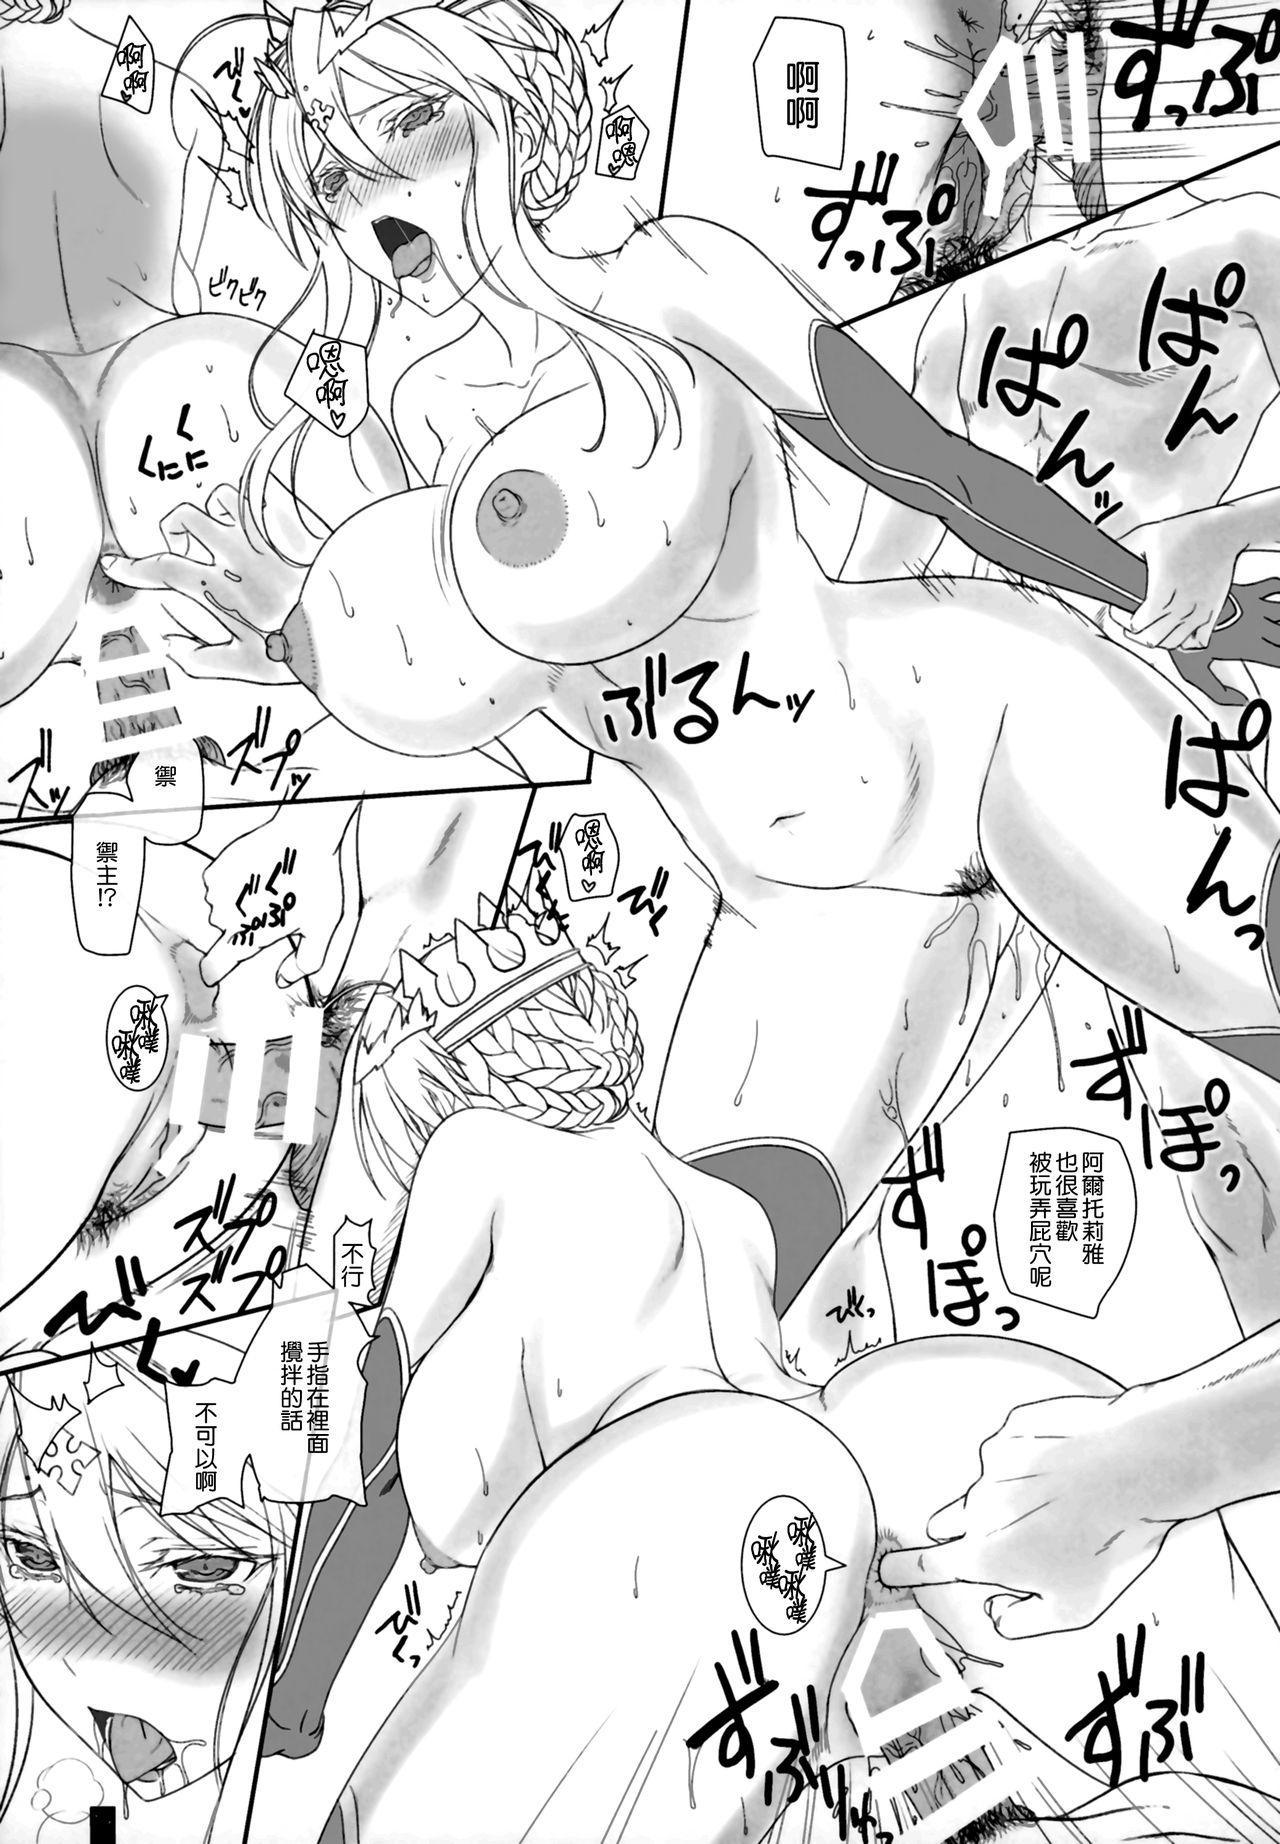 Otsukare na Master o Watashi ga Iyashite Agetai. 18